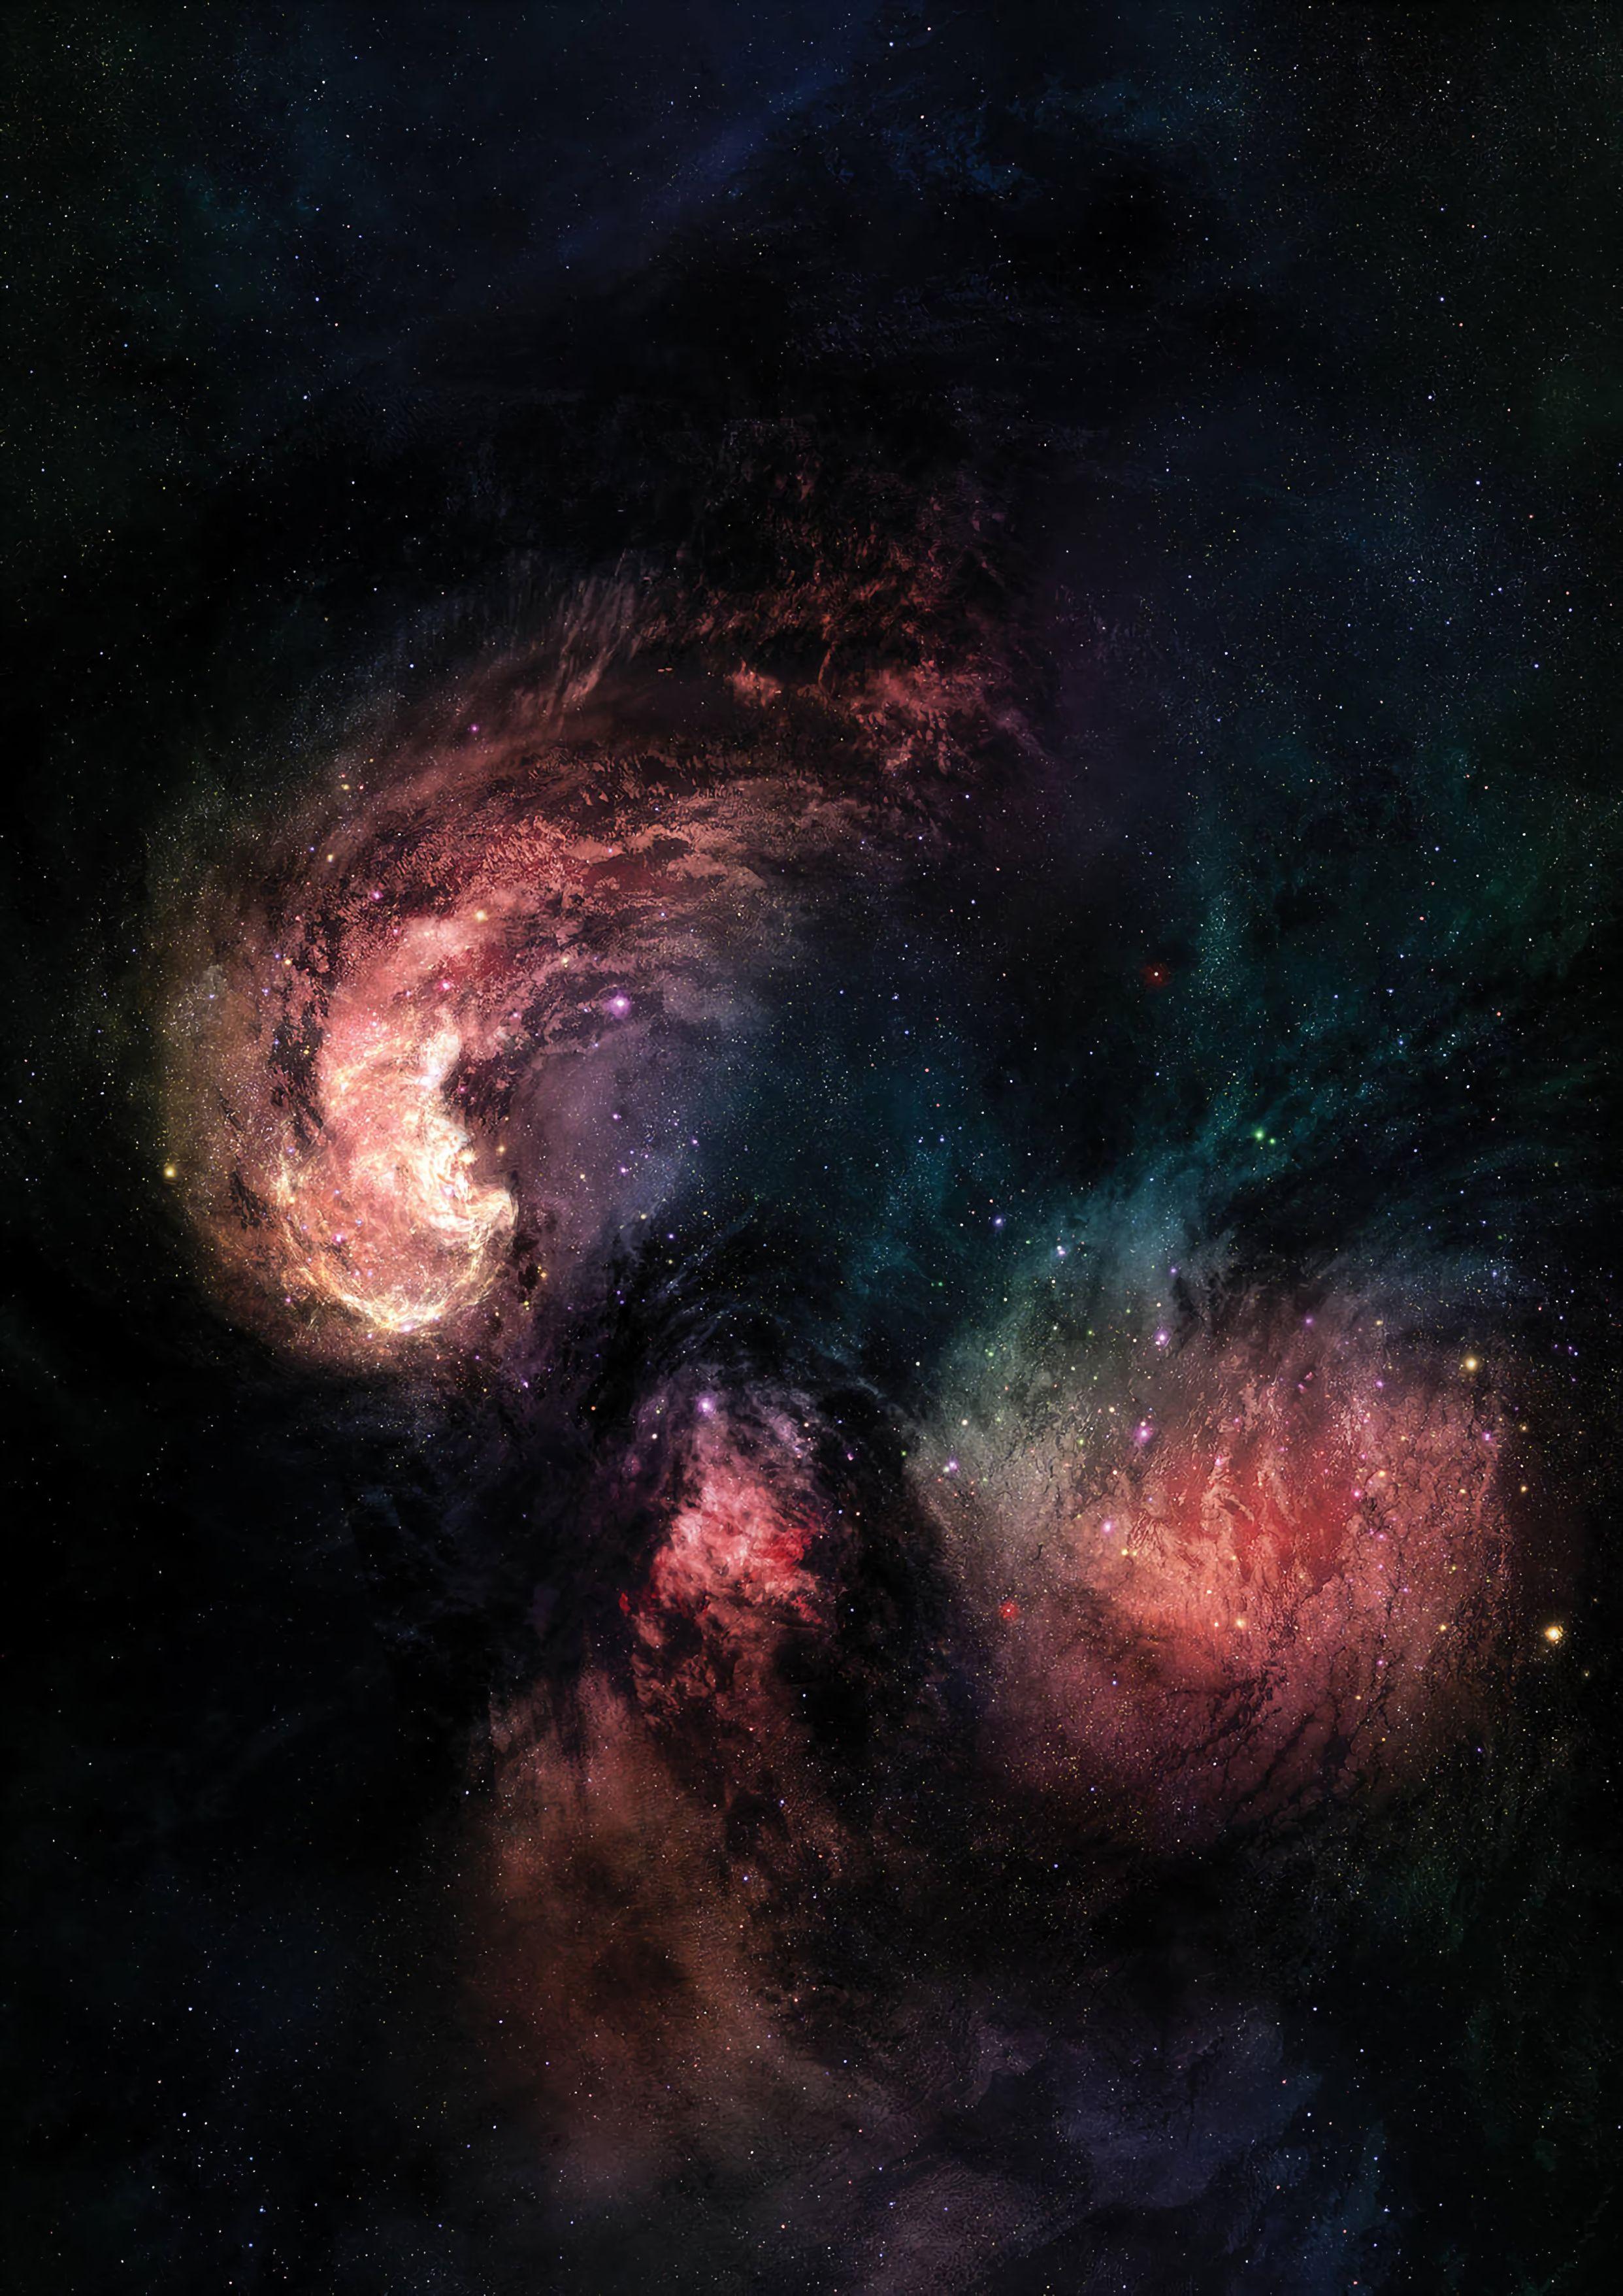 129640 Hintergrundbild 128x160 kostenlos auf deinem Handy, lade Bilder Universum, Sterne, Scheinen, Hell, Mehrfarbig, Motley, Sternenhimmel, Brillanz, Universe, Galaxis, Galaxy 128x160 auf dein Handy herunter